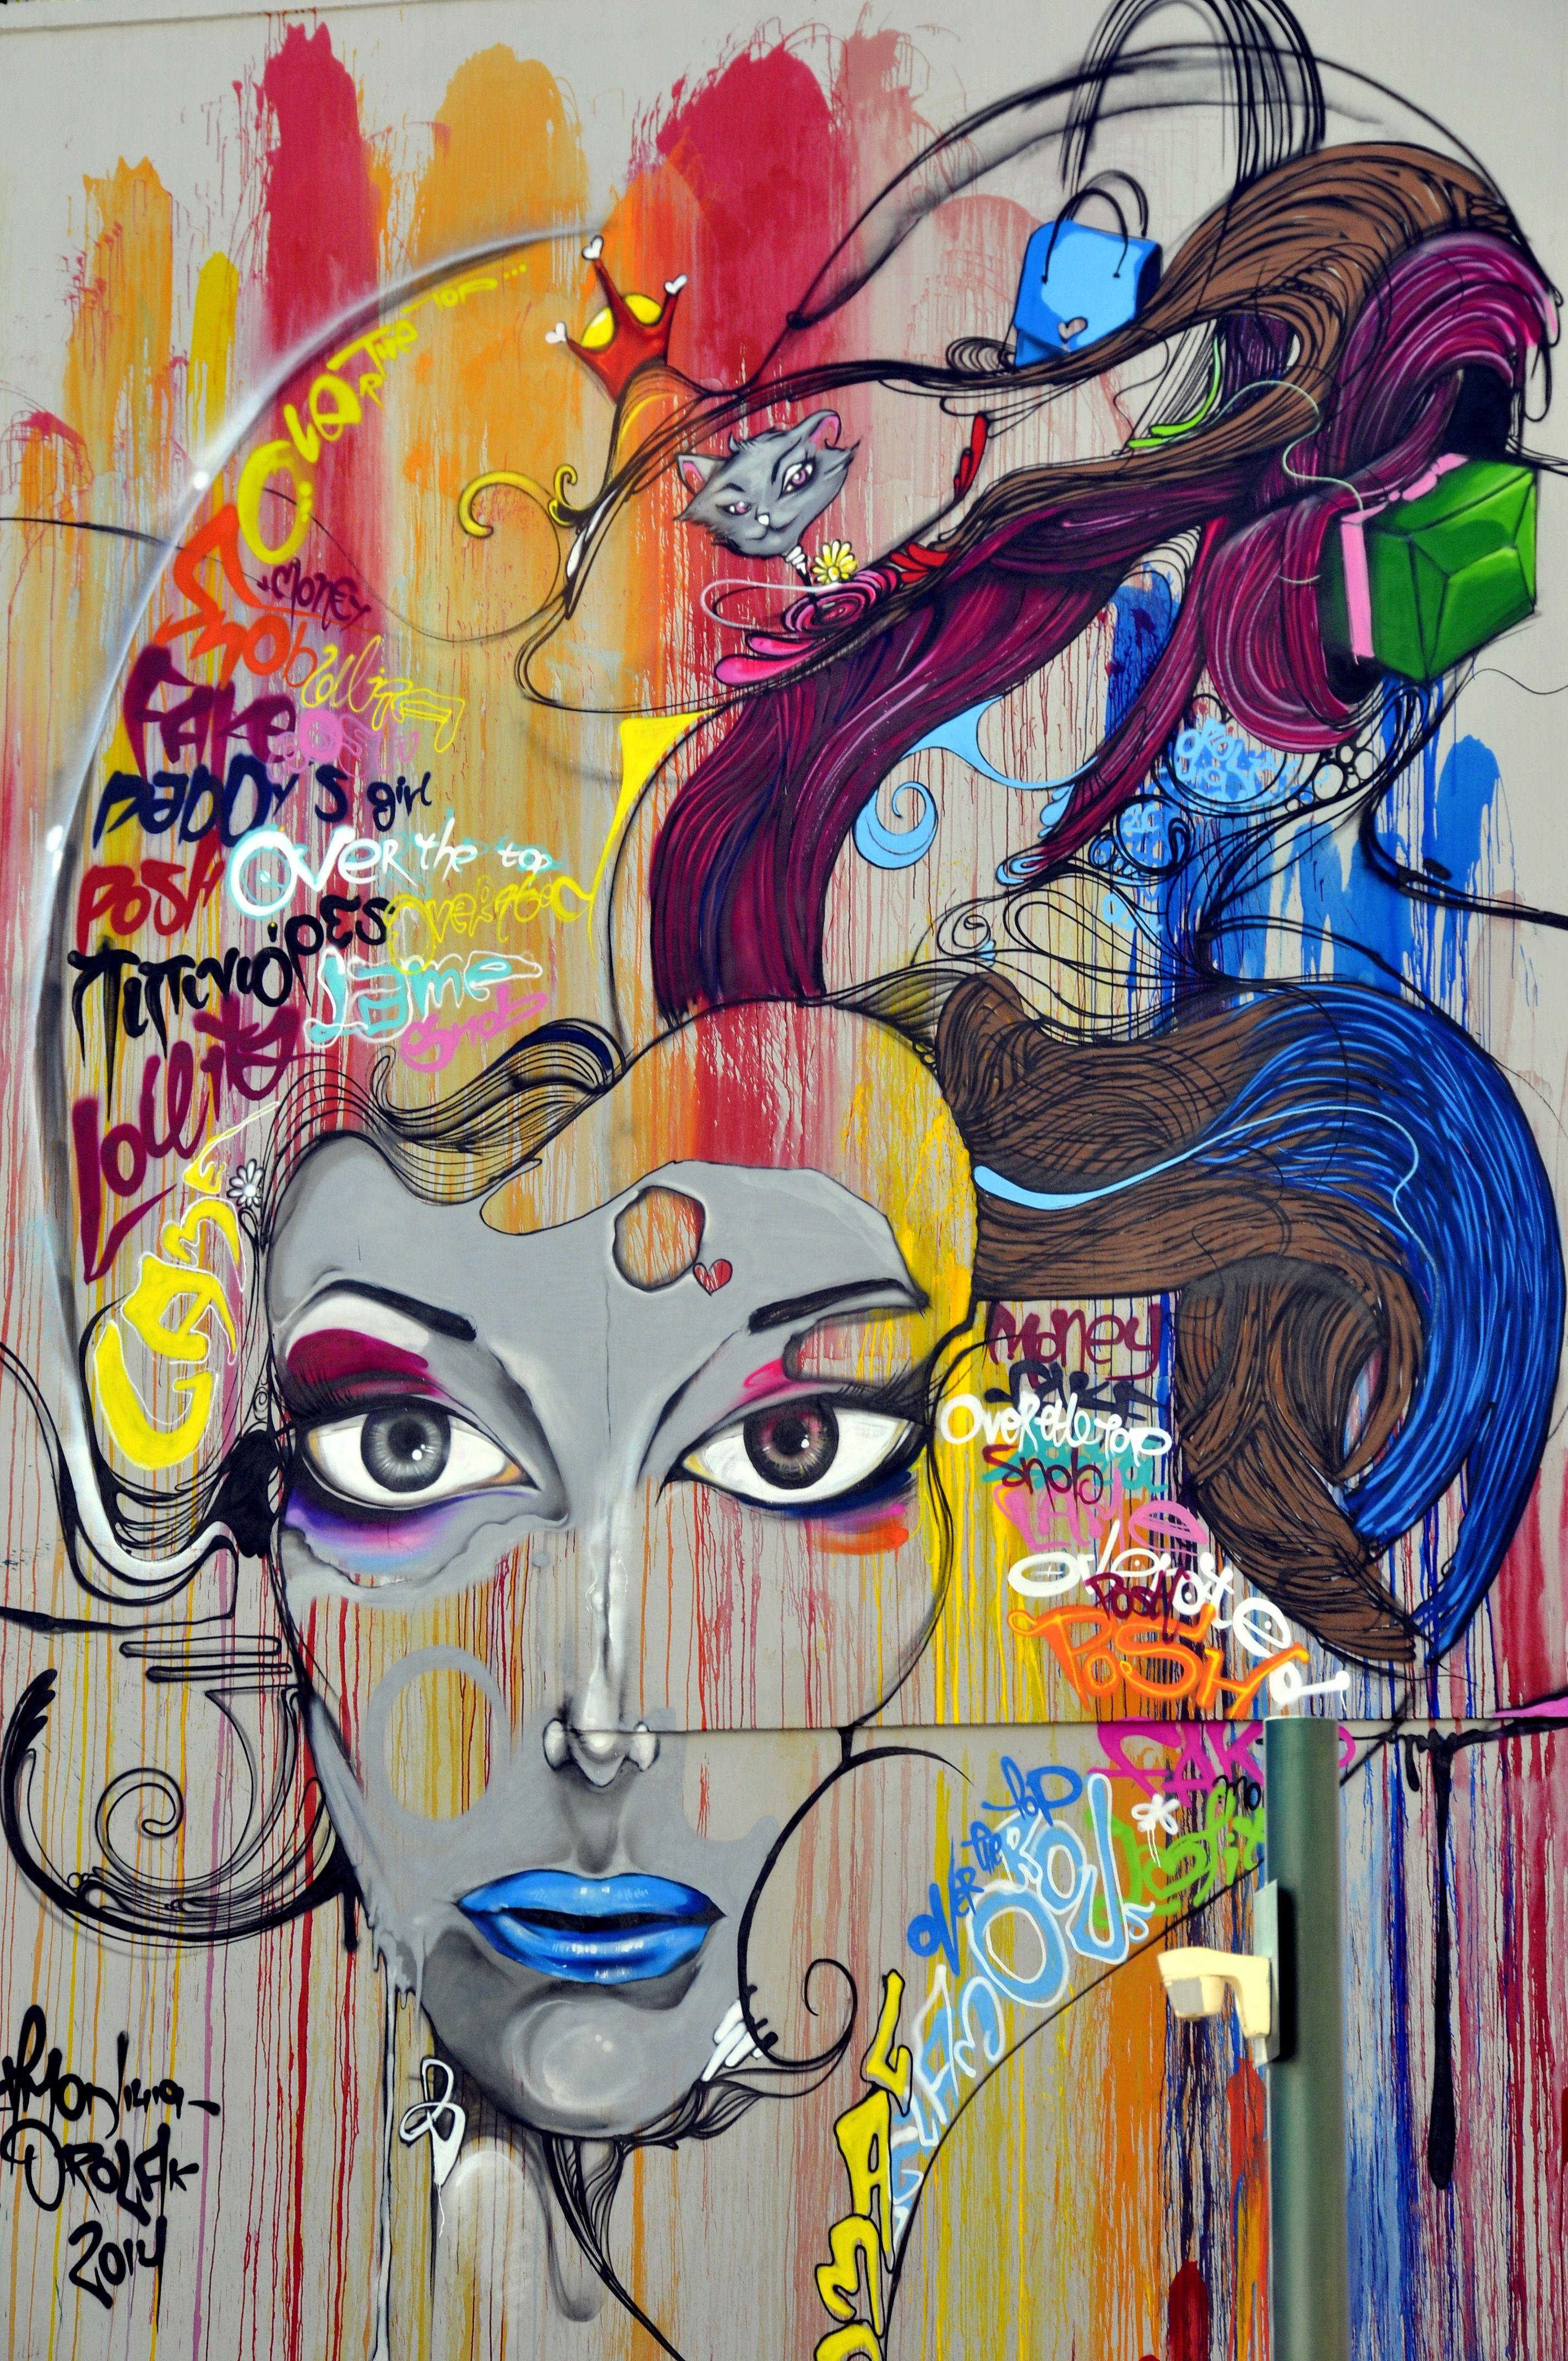 Buongiorno Buonanotte Immagini Gif Video Da Scaricare Good Morning Gif Video Images To Immagini Con Frasi Graffiti 508272